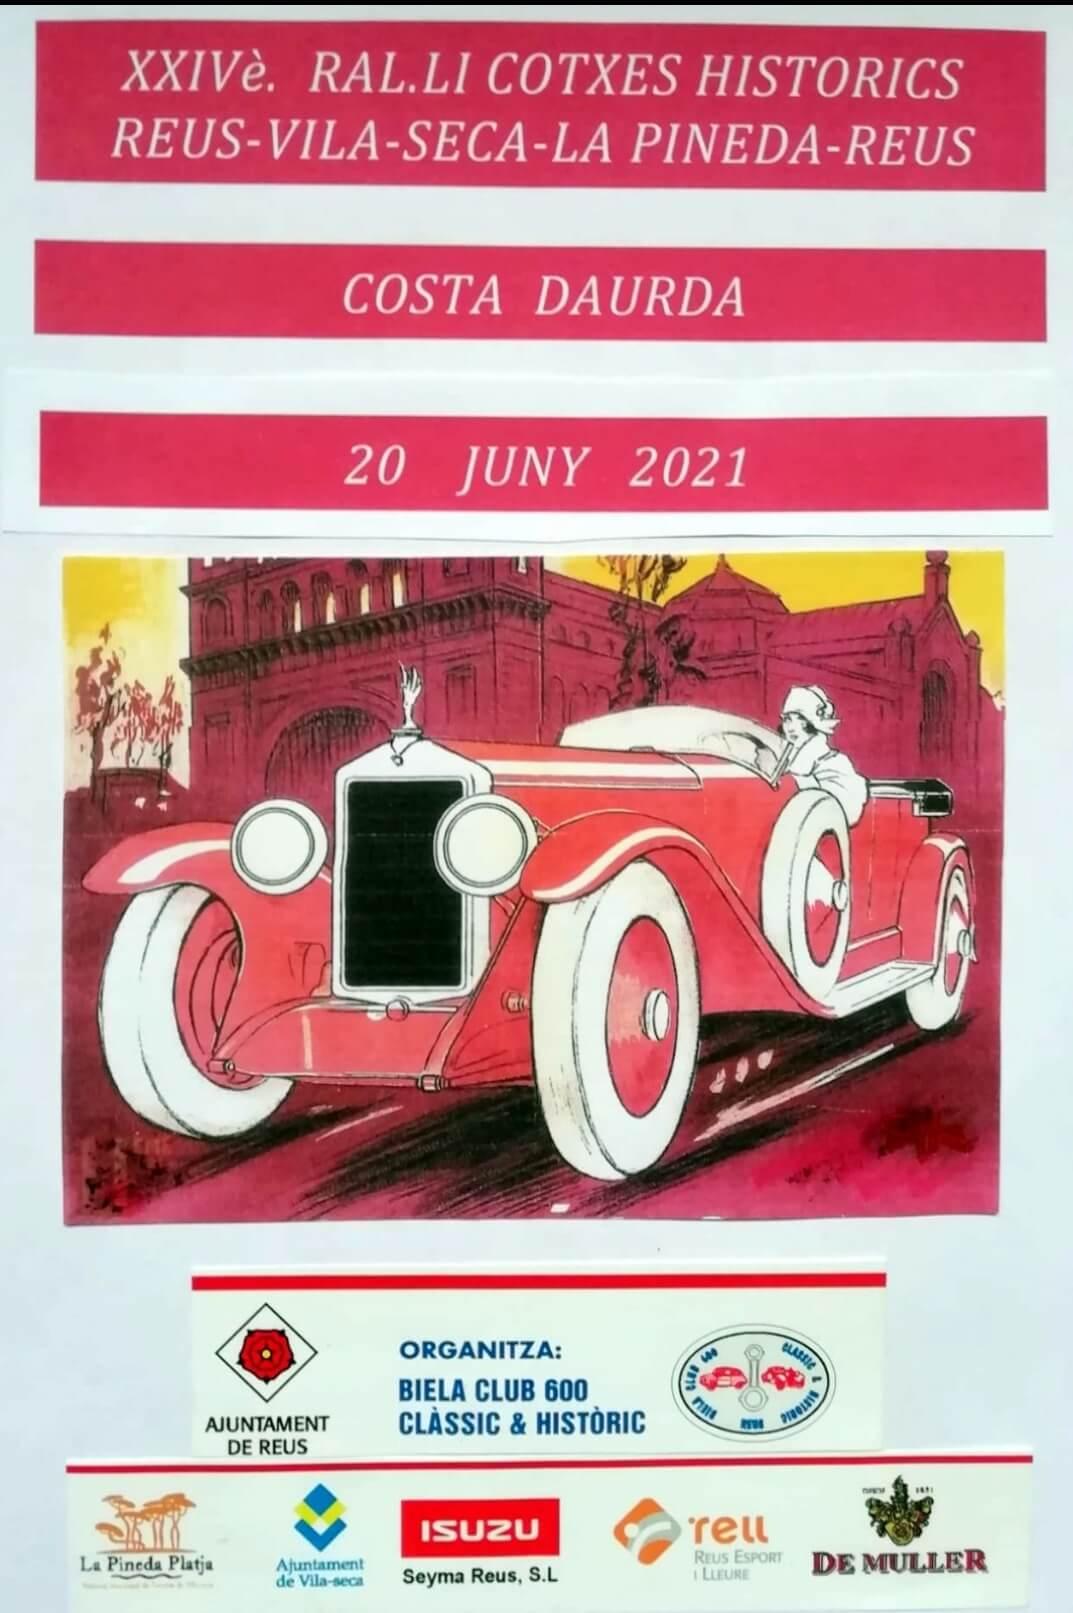 Ral.li Cotxes Historics Reus